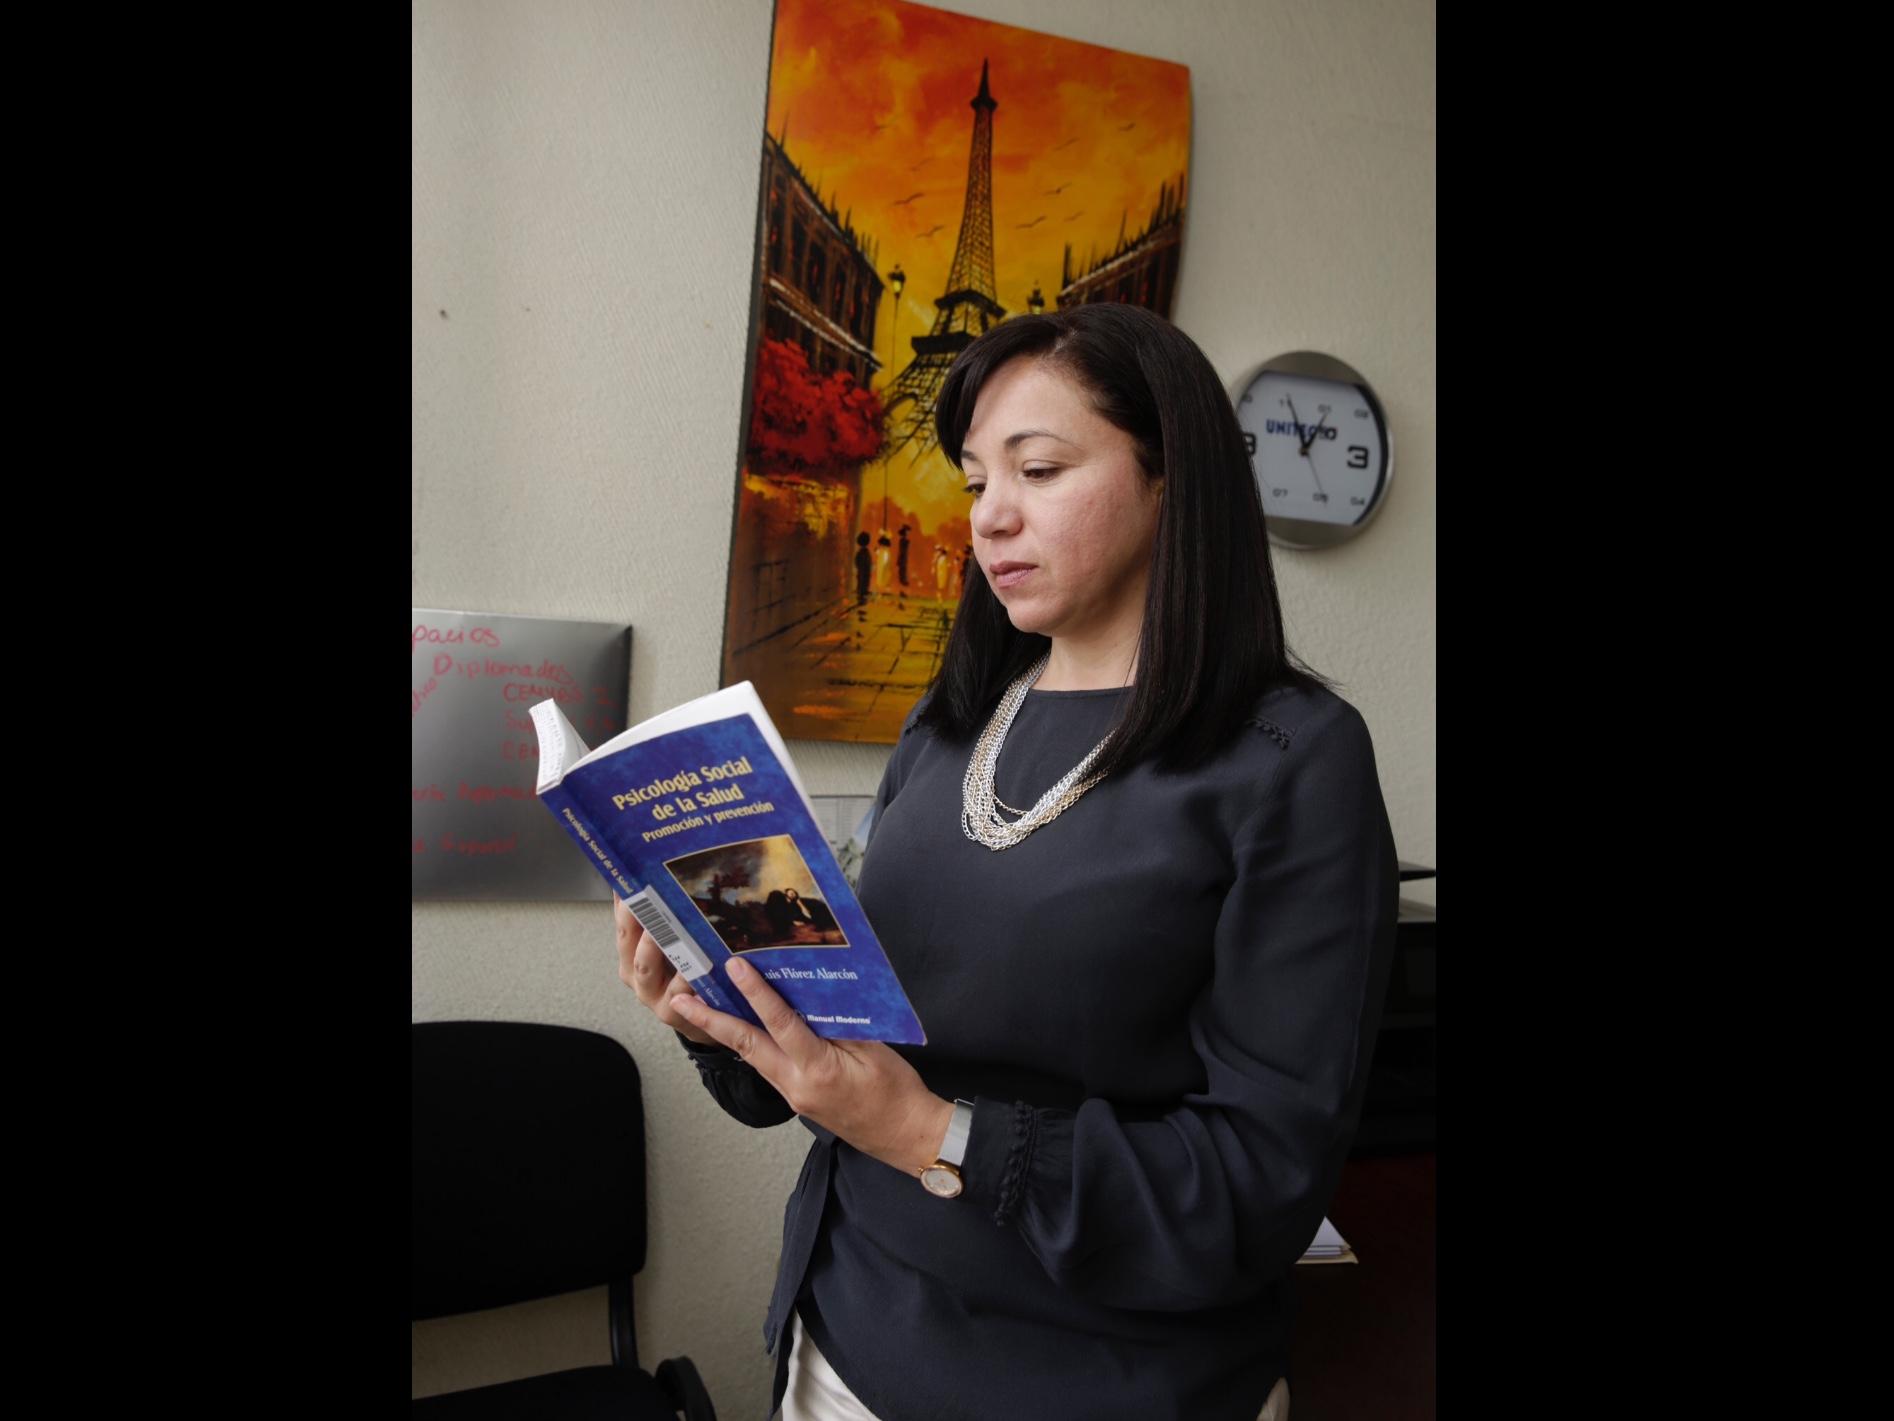 Oferta UAEM al Diplomado Intervención en Crisis